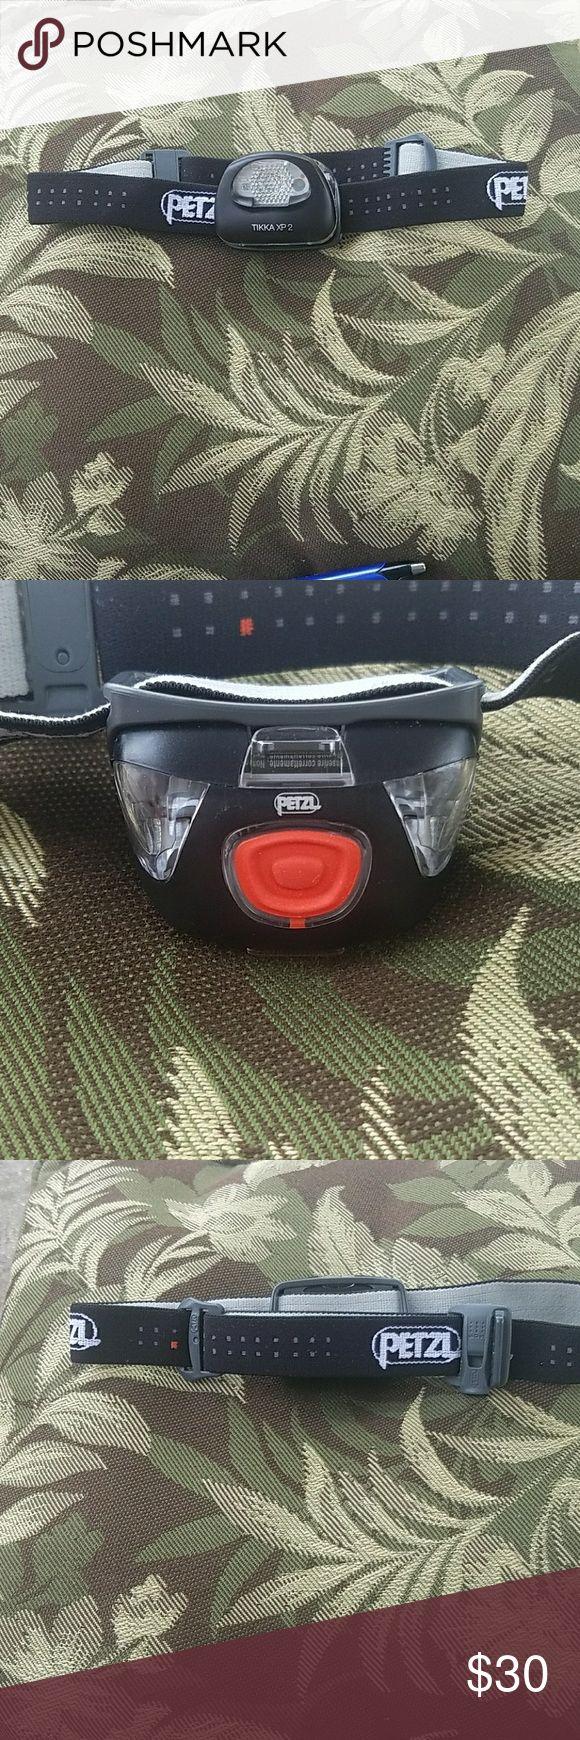 Petzl  tikka xp2 Adjustable head Lamp Other